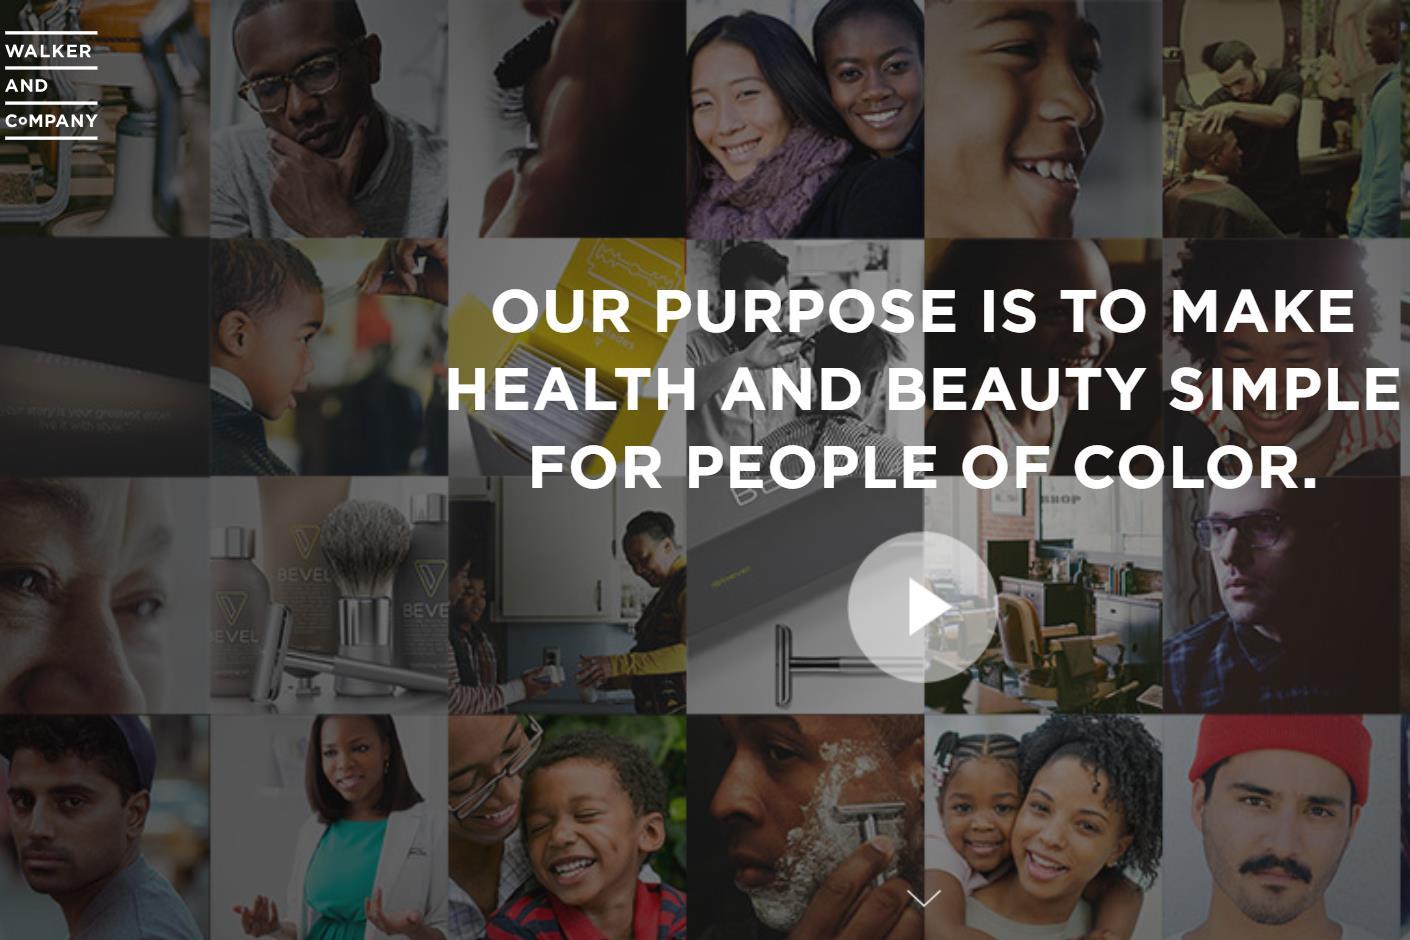 为扩大少数族裔市场,宝洁公司收购美国有色人种个人护理公司 Walker&Co.